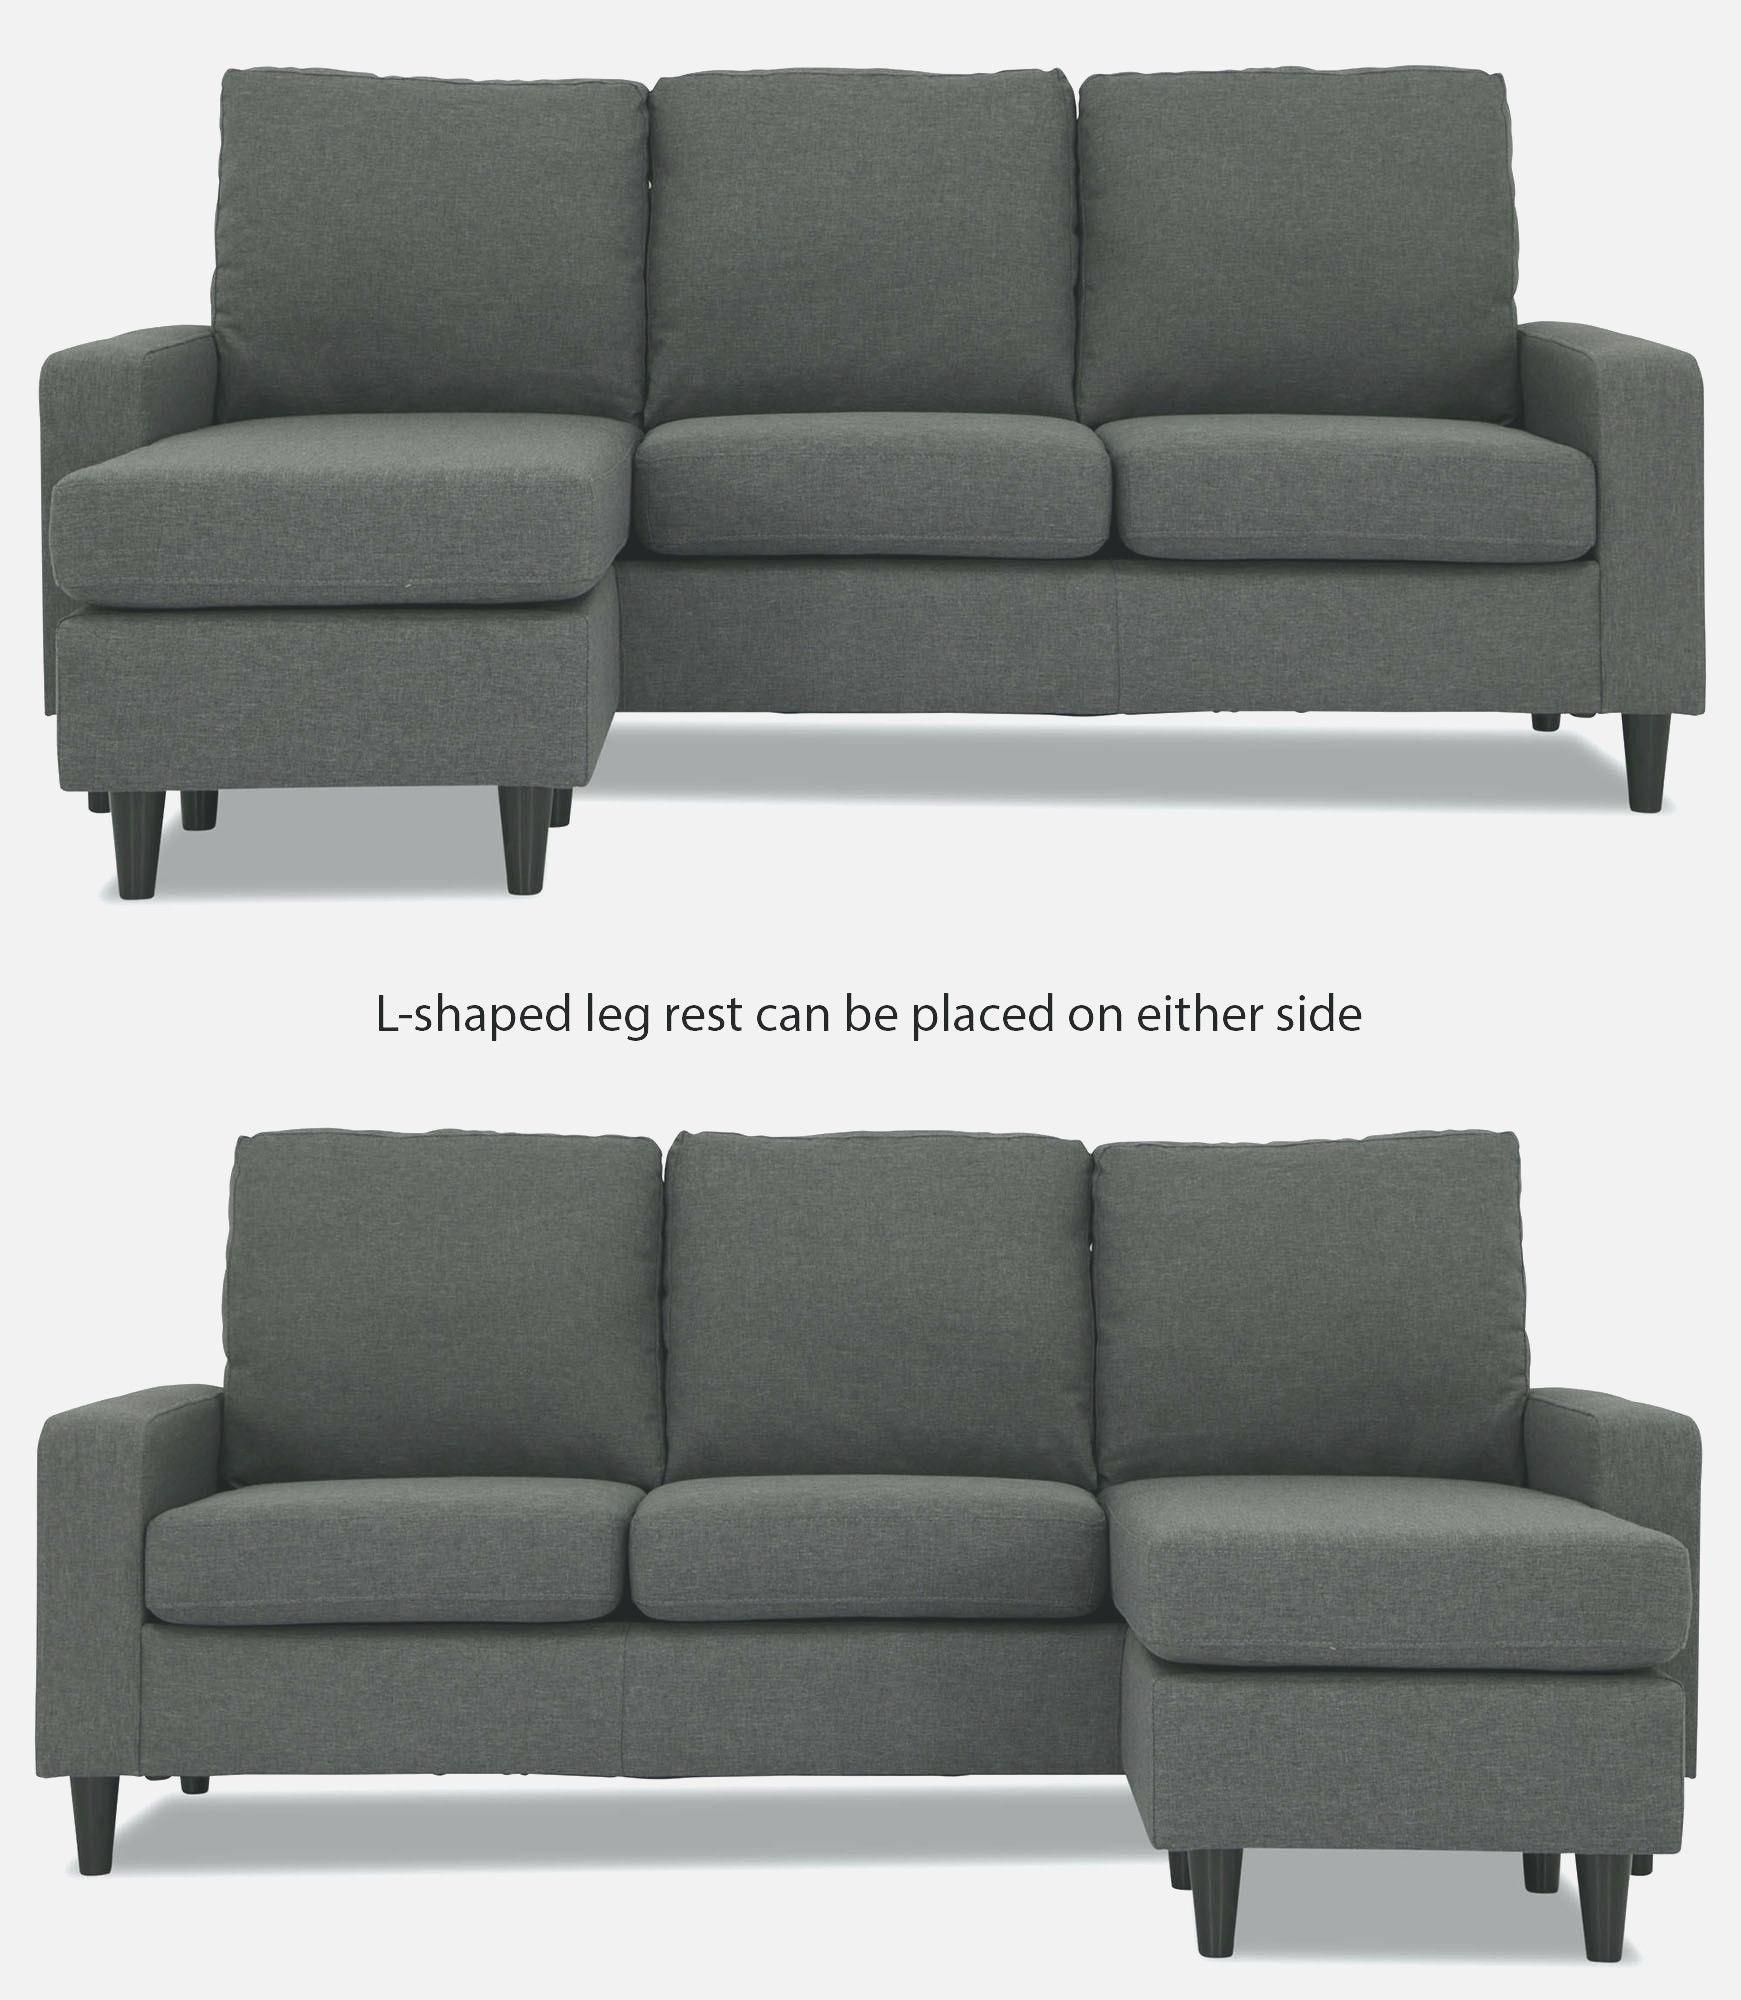 Big Lots Sleeper sofa - big lots furniture sleeper sofa, big lots ...